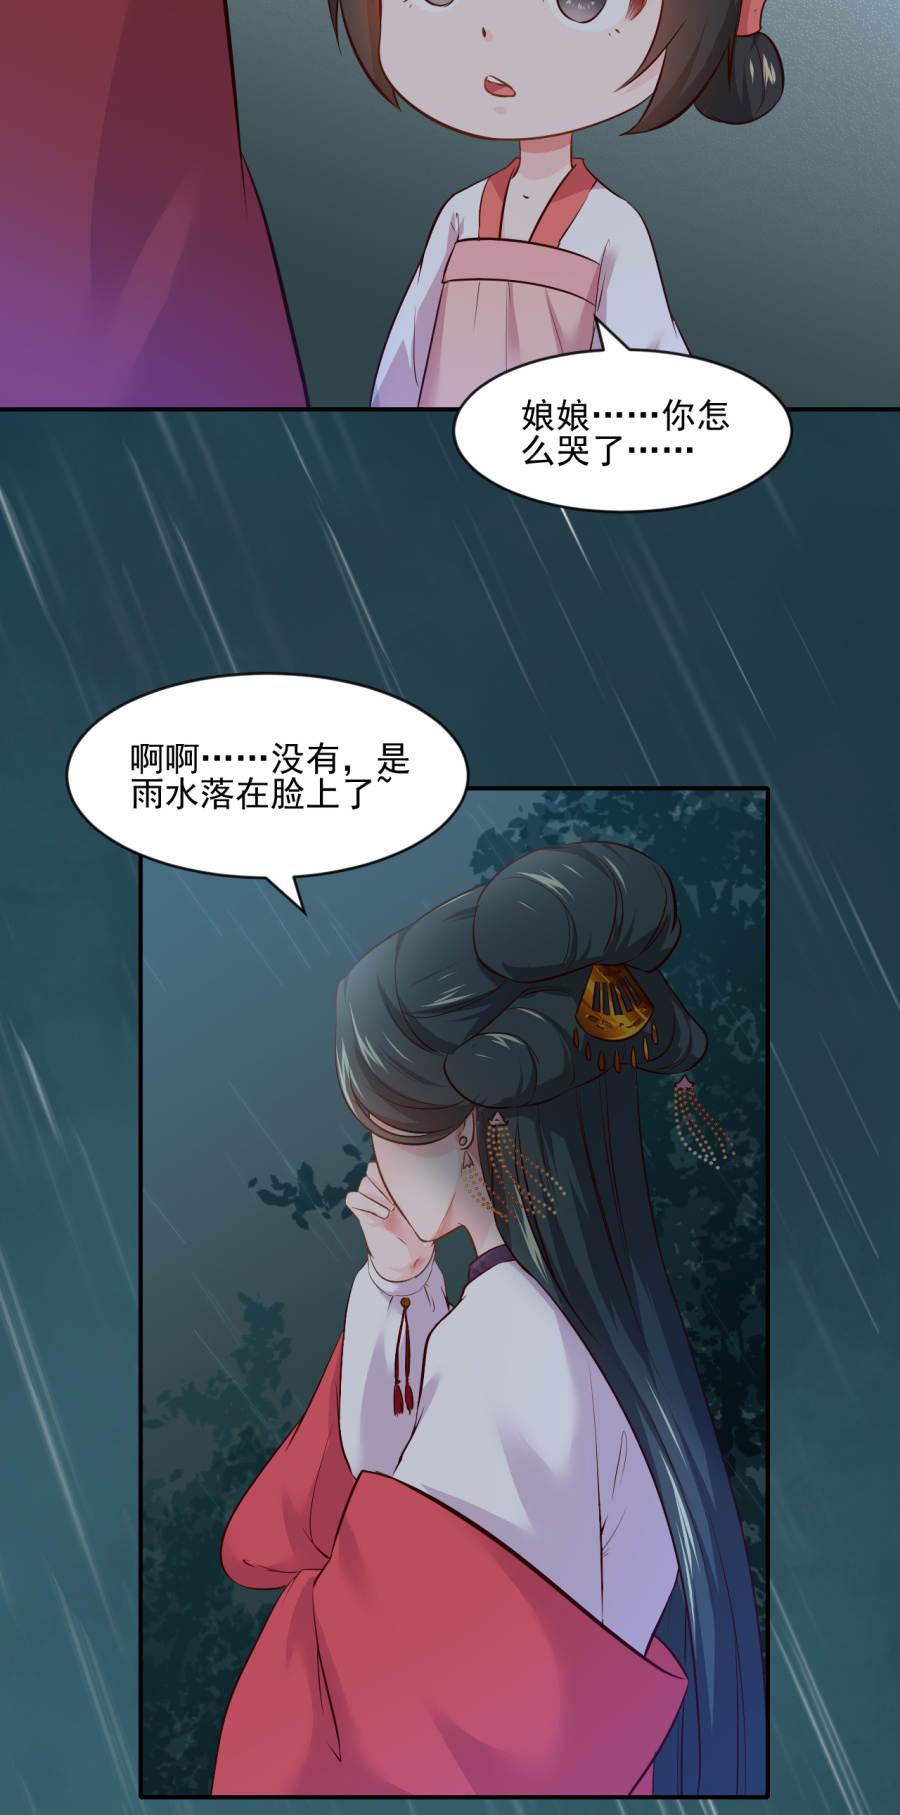 盛世帝王妃第90话  东方出事了? 第 3